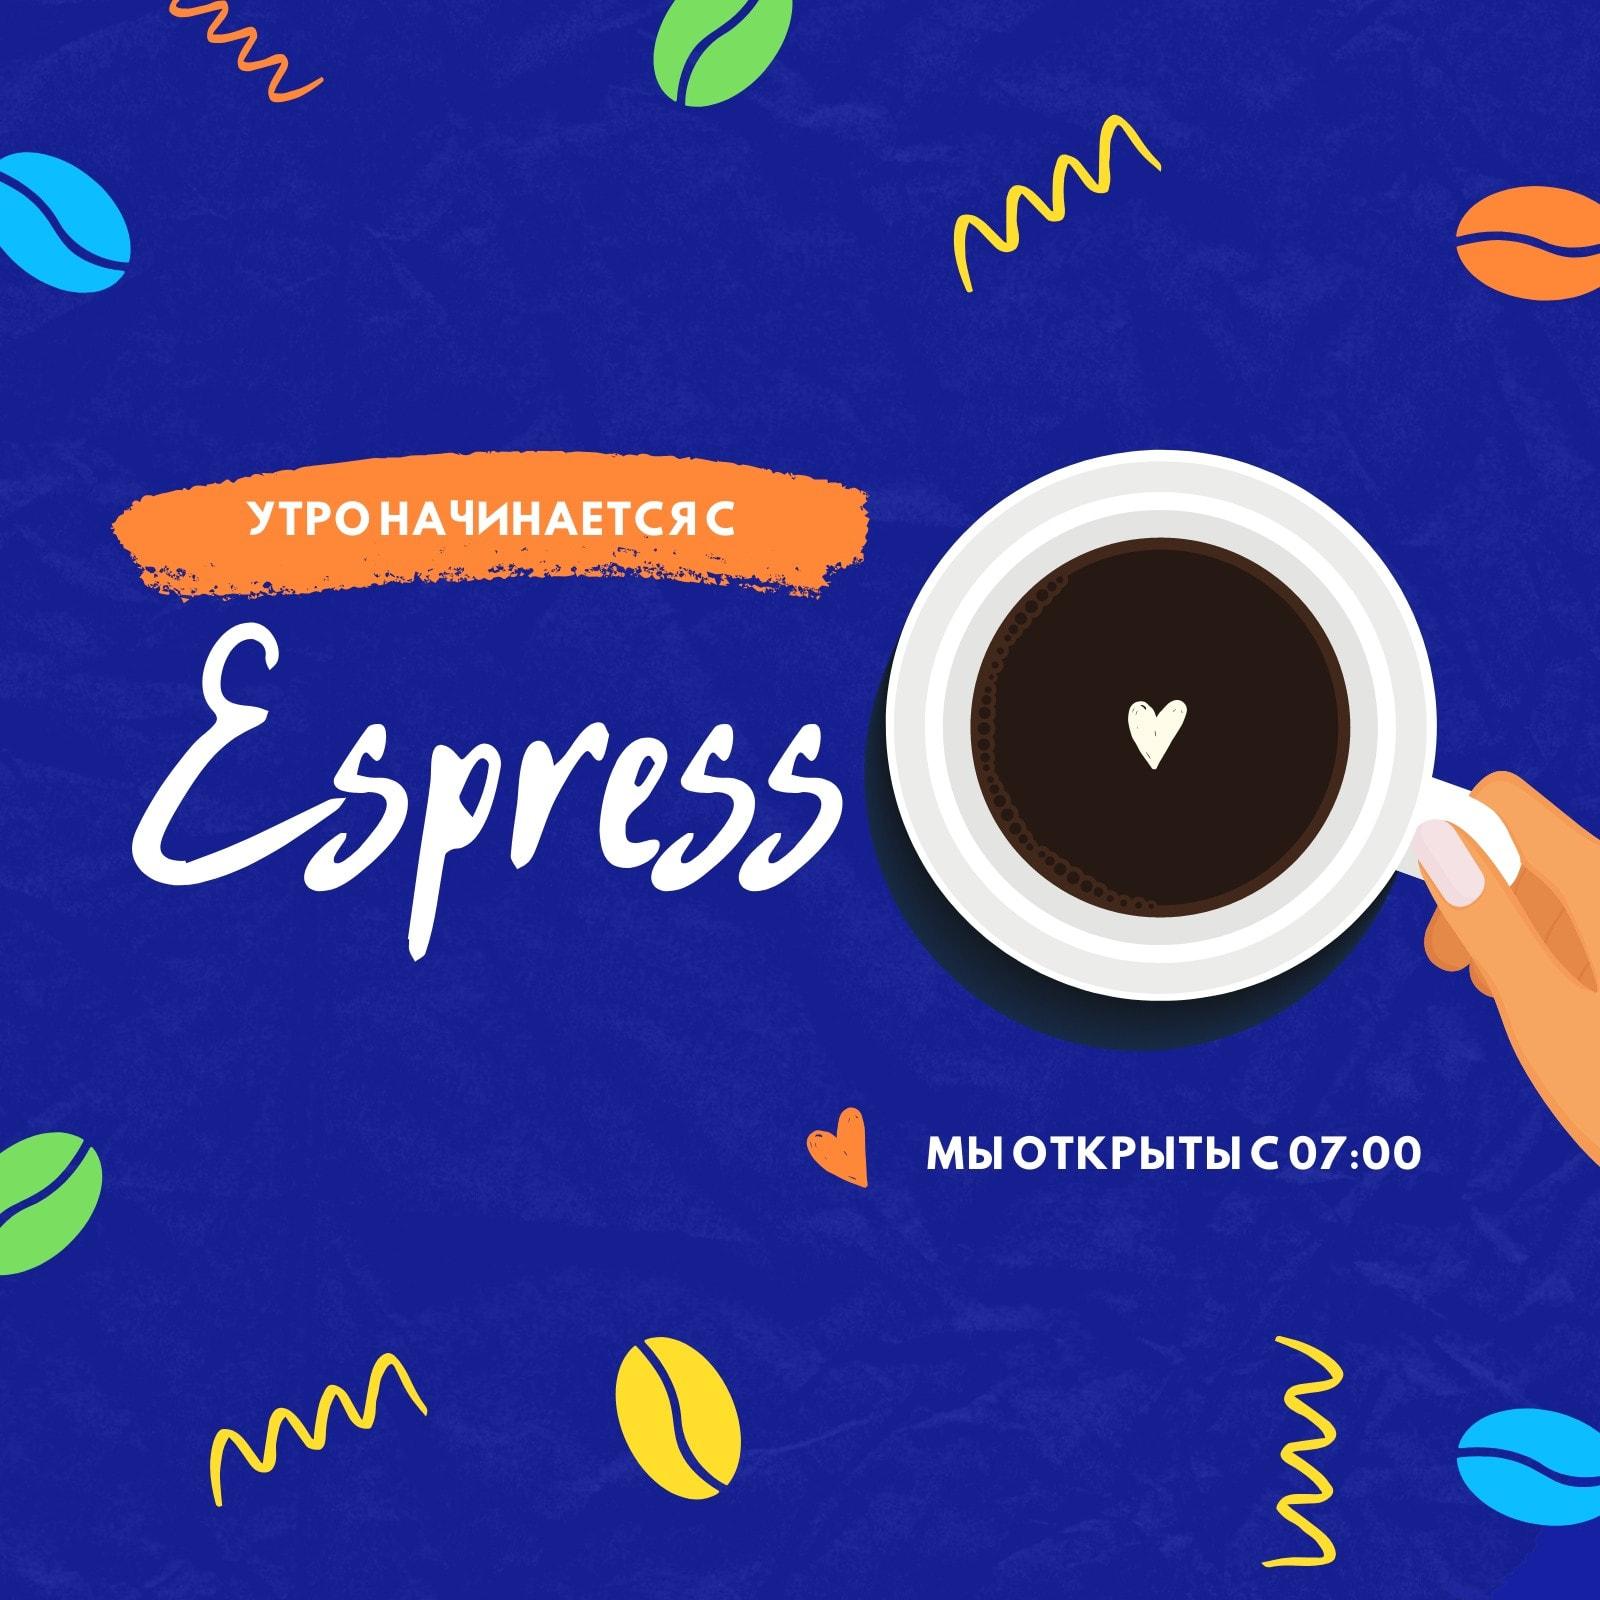 Цветная публикация в Instagram с рисунком чашки кофе